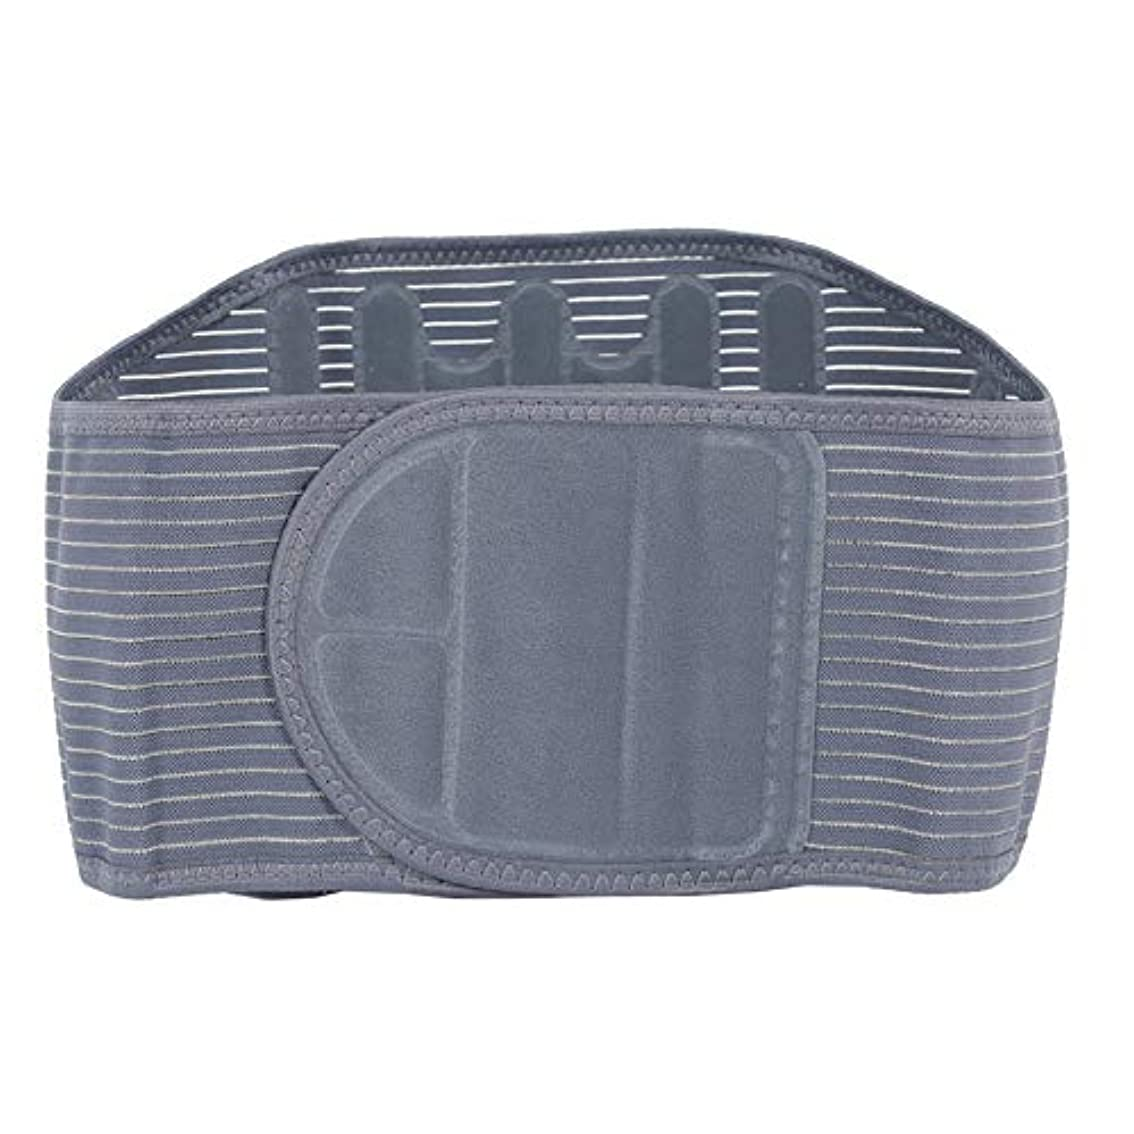 ハッピー苦しむ回路ウエストトレーナー痩身腹ウエストウォーマーベルトバックサポートフィットネススポーツと痛みを軽減する腰椎ウエストブレースラッププロテクター(XL)